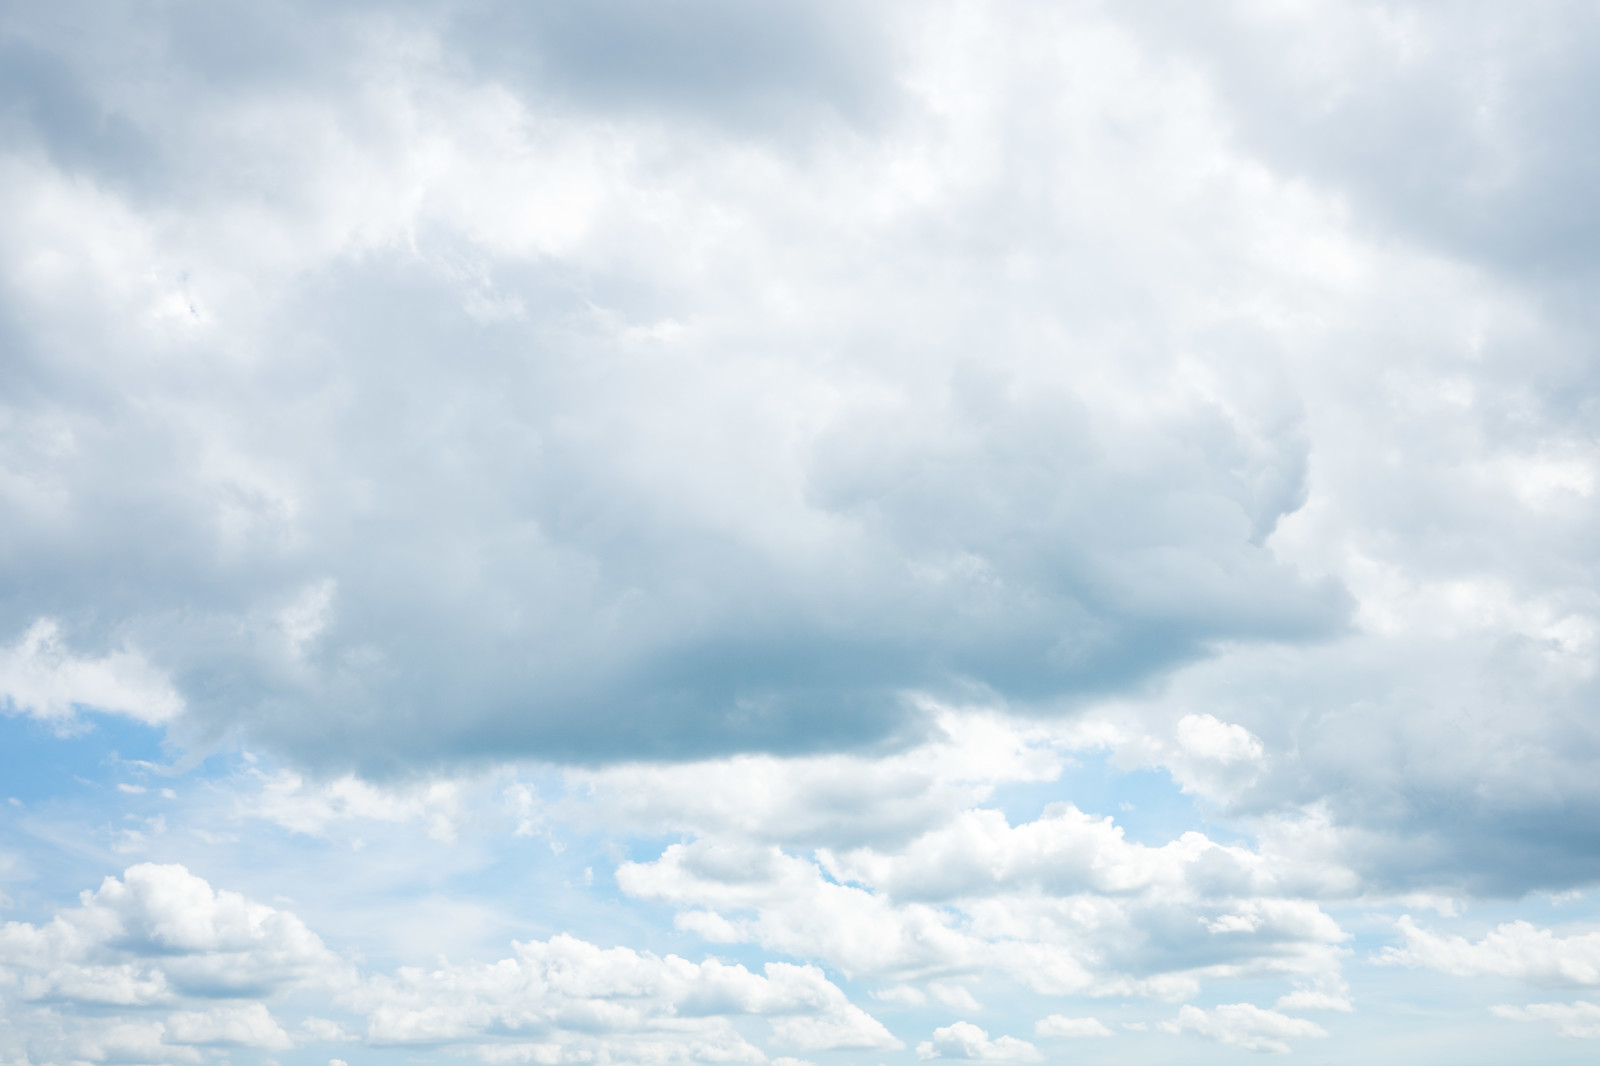 「雲が出てきた空雲が出てきた空」のフリー写真素材を拡大